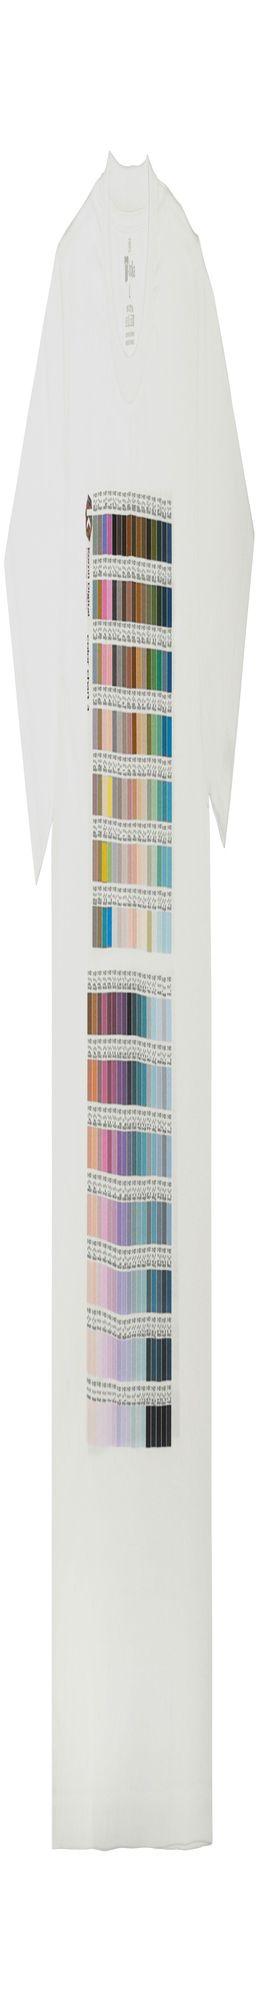 Футболка T-bolka 160 c DTG-печатью Kornit Color chart 3, белая фото